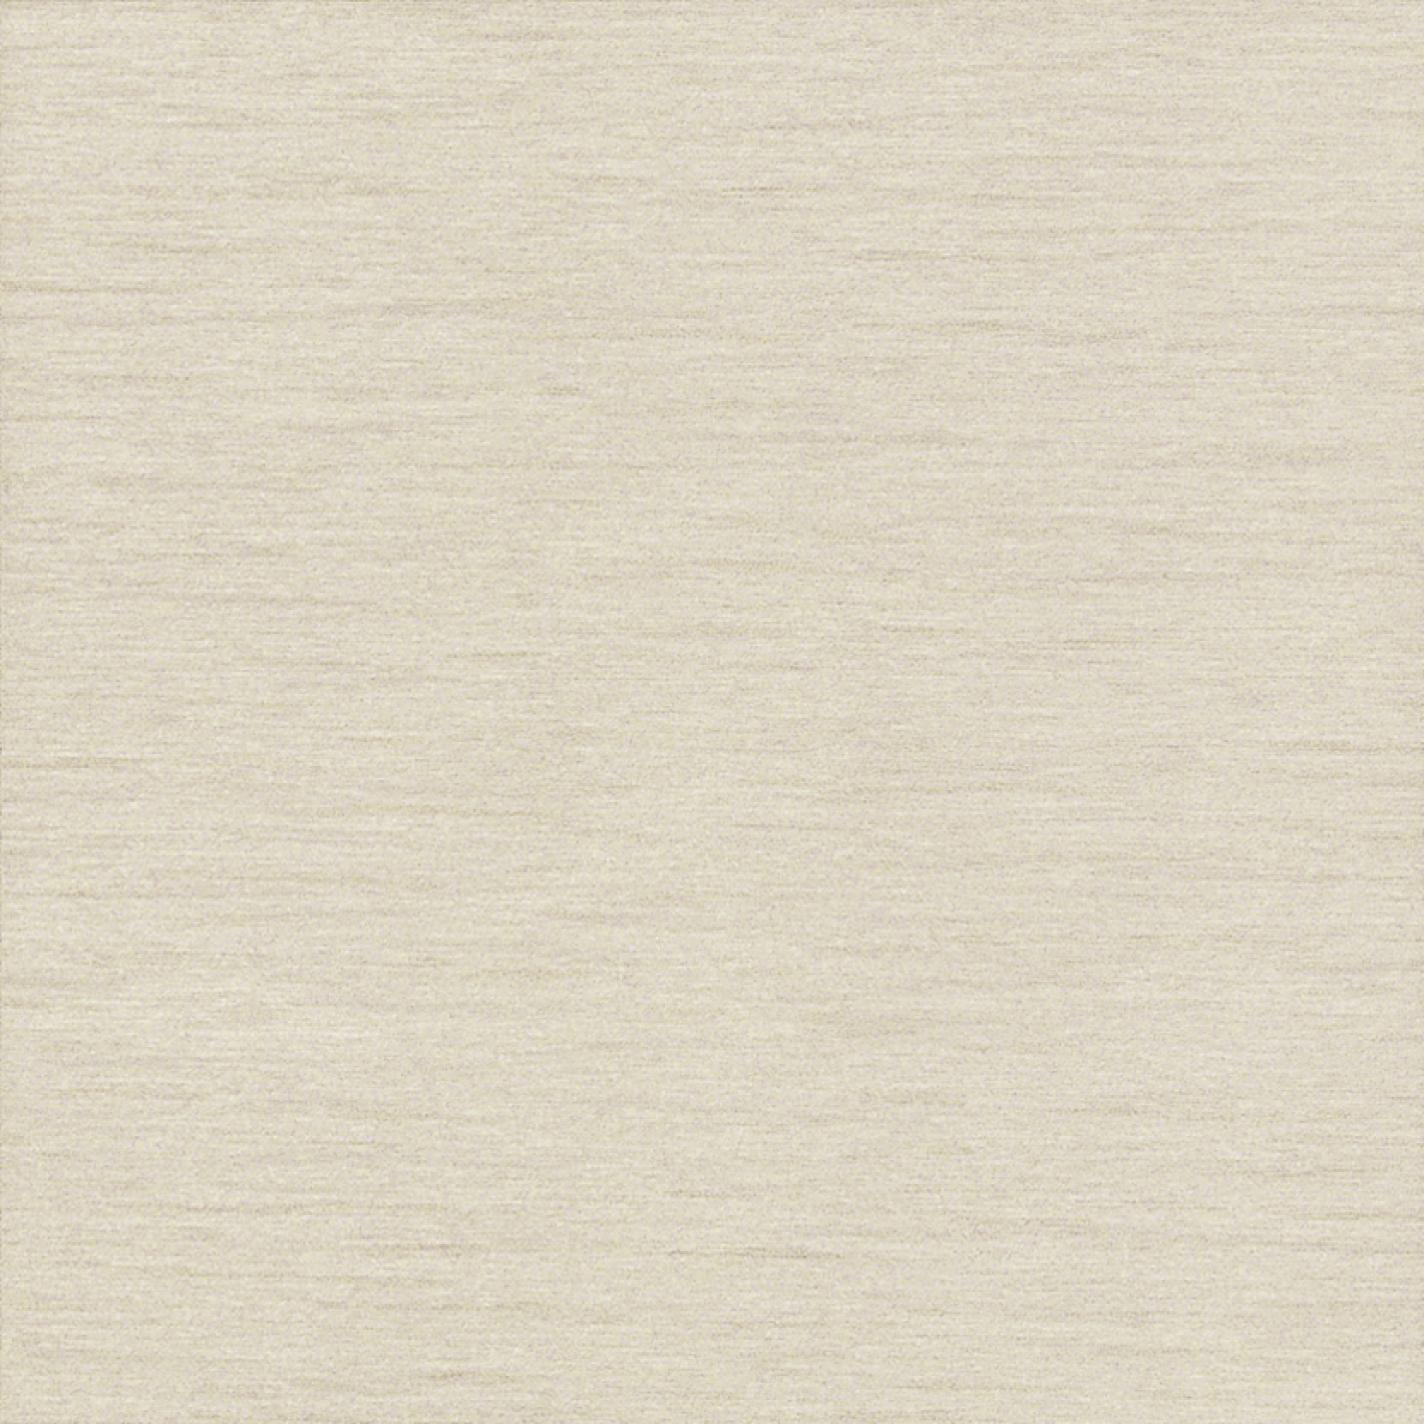 货号: h32-y95l02 品牌: 元昌牌磁砖 名称: 木纹石 材质: 瓷质地砖(釉